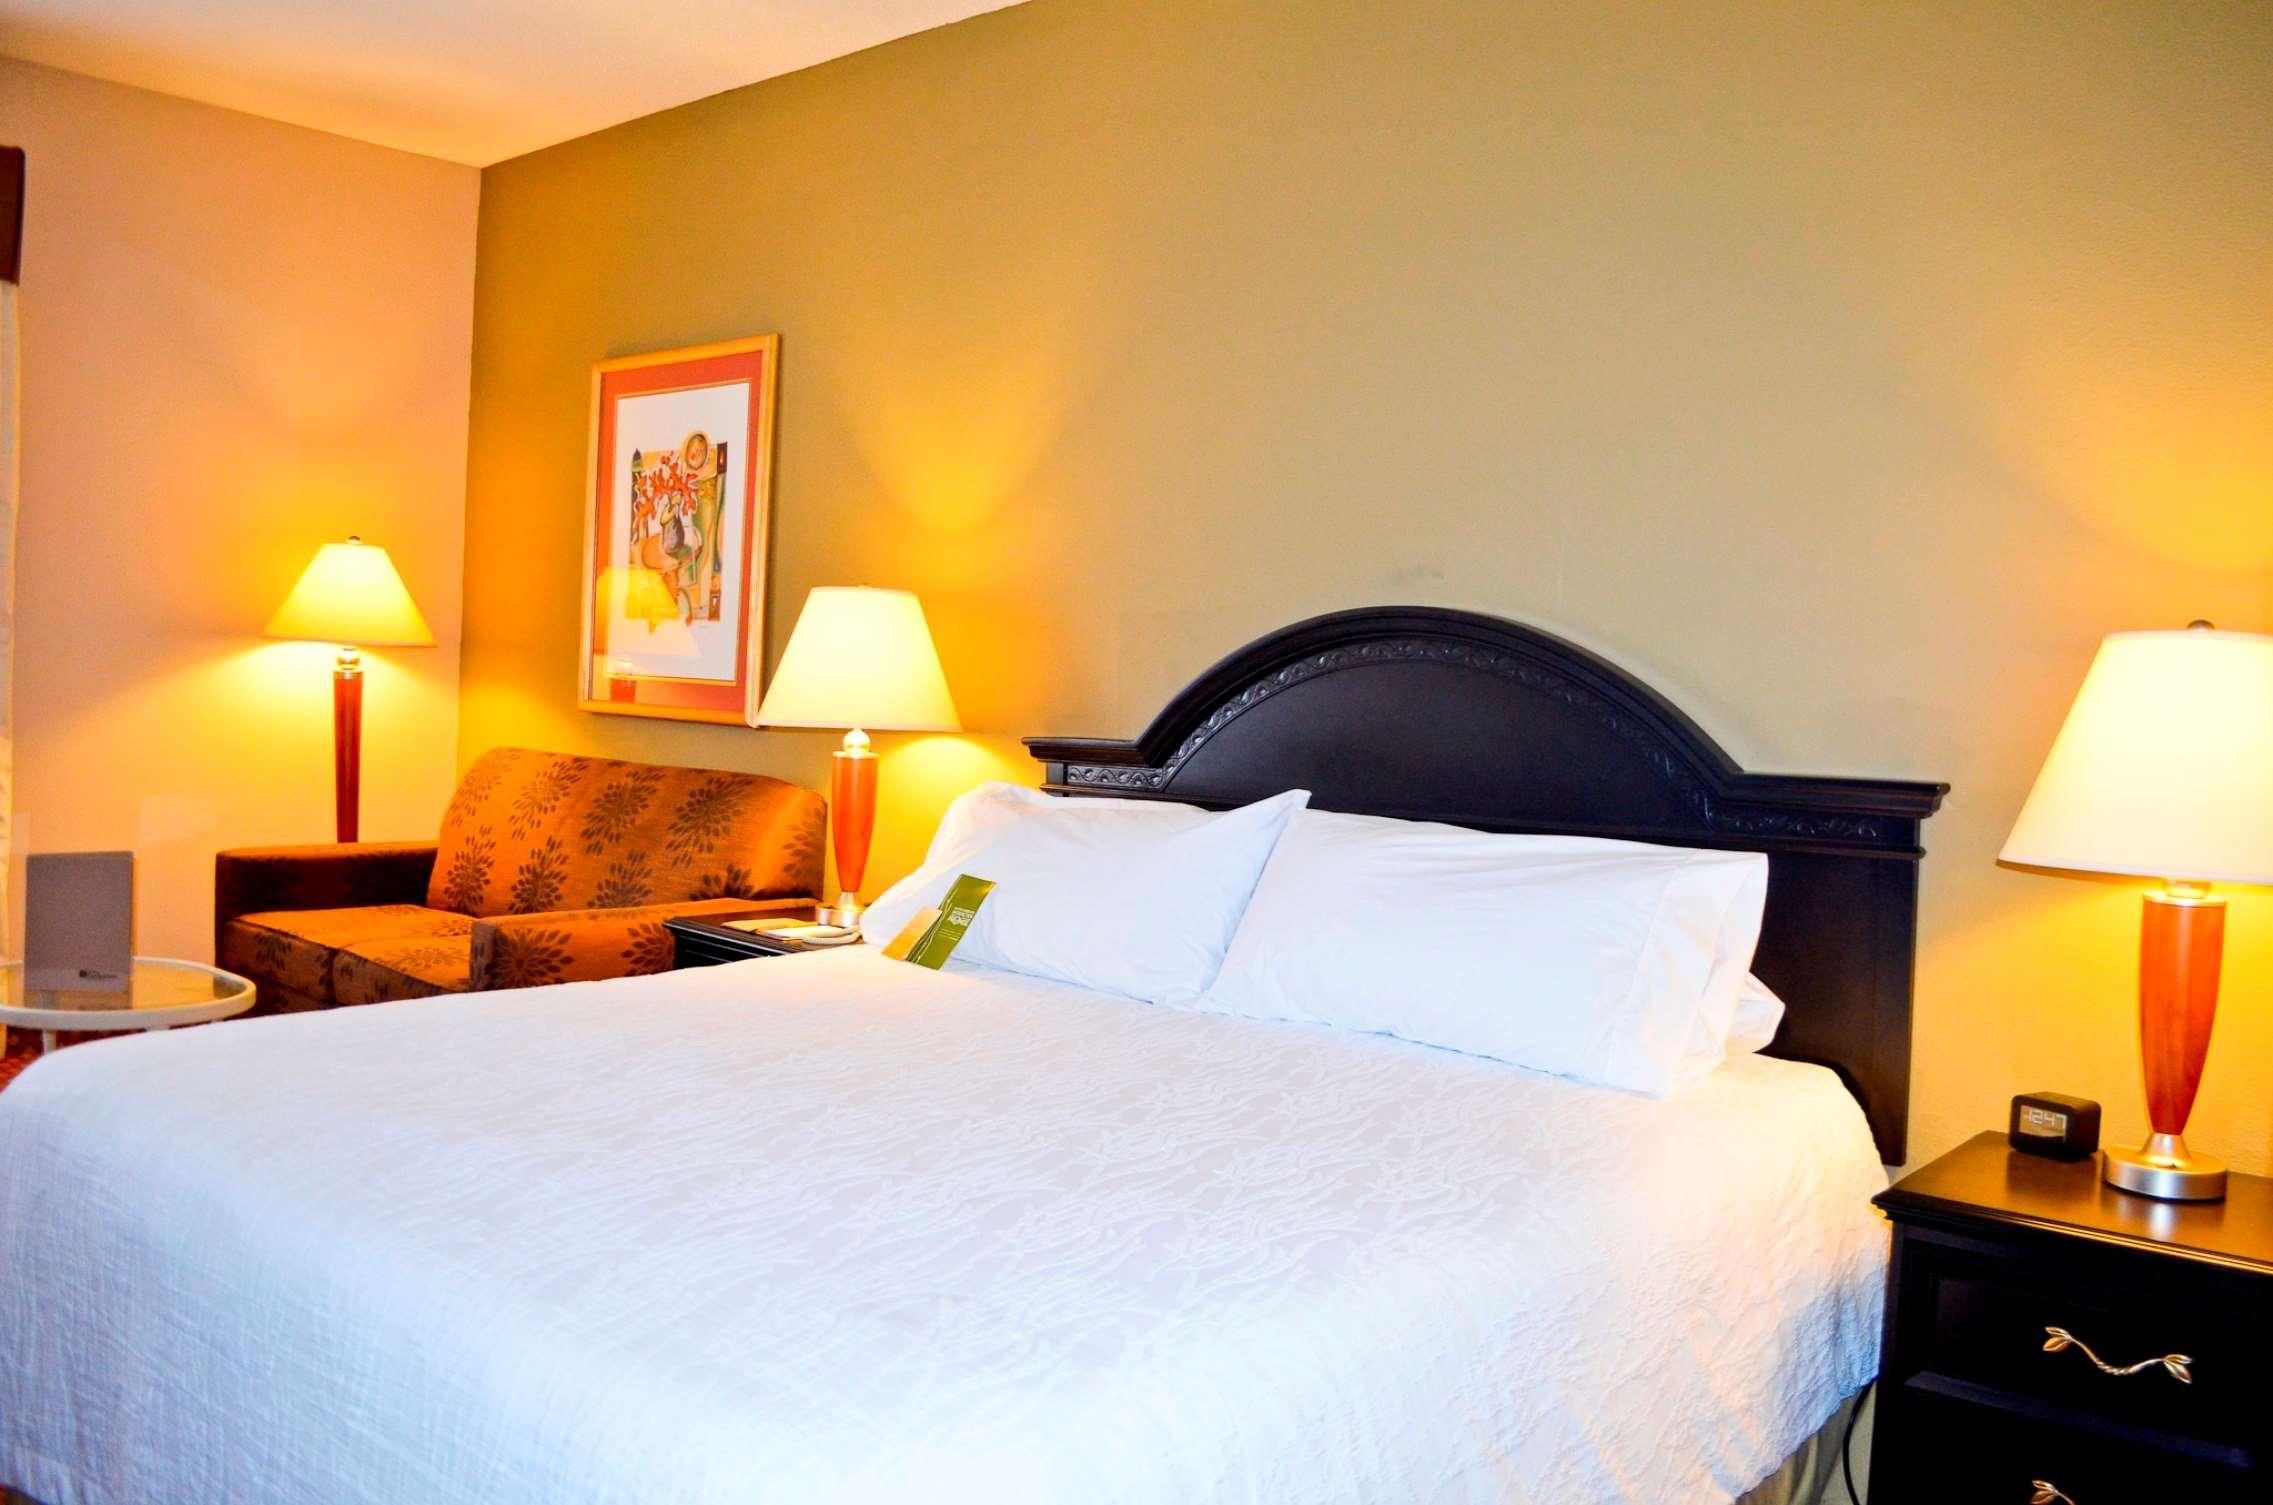 Hilton Garden Inn Cincinnati Northeast image 14